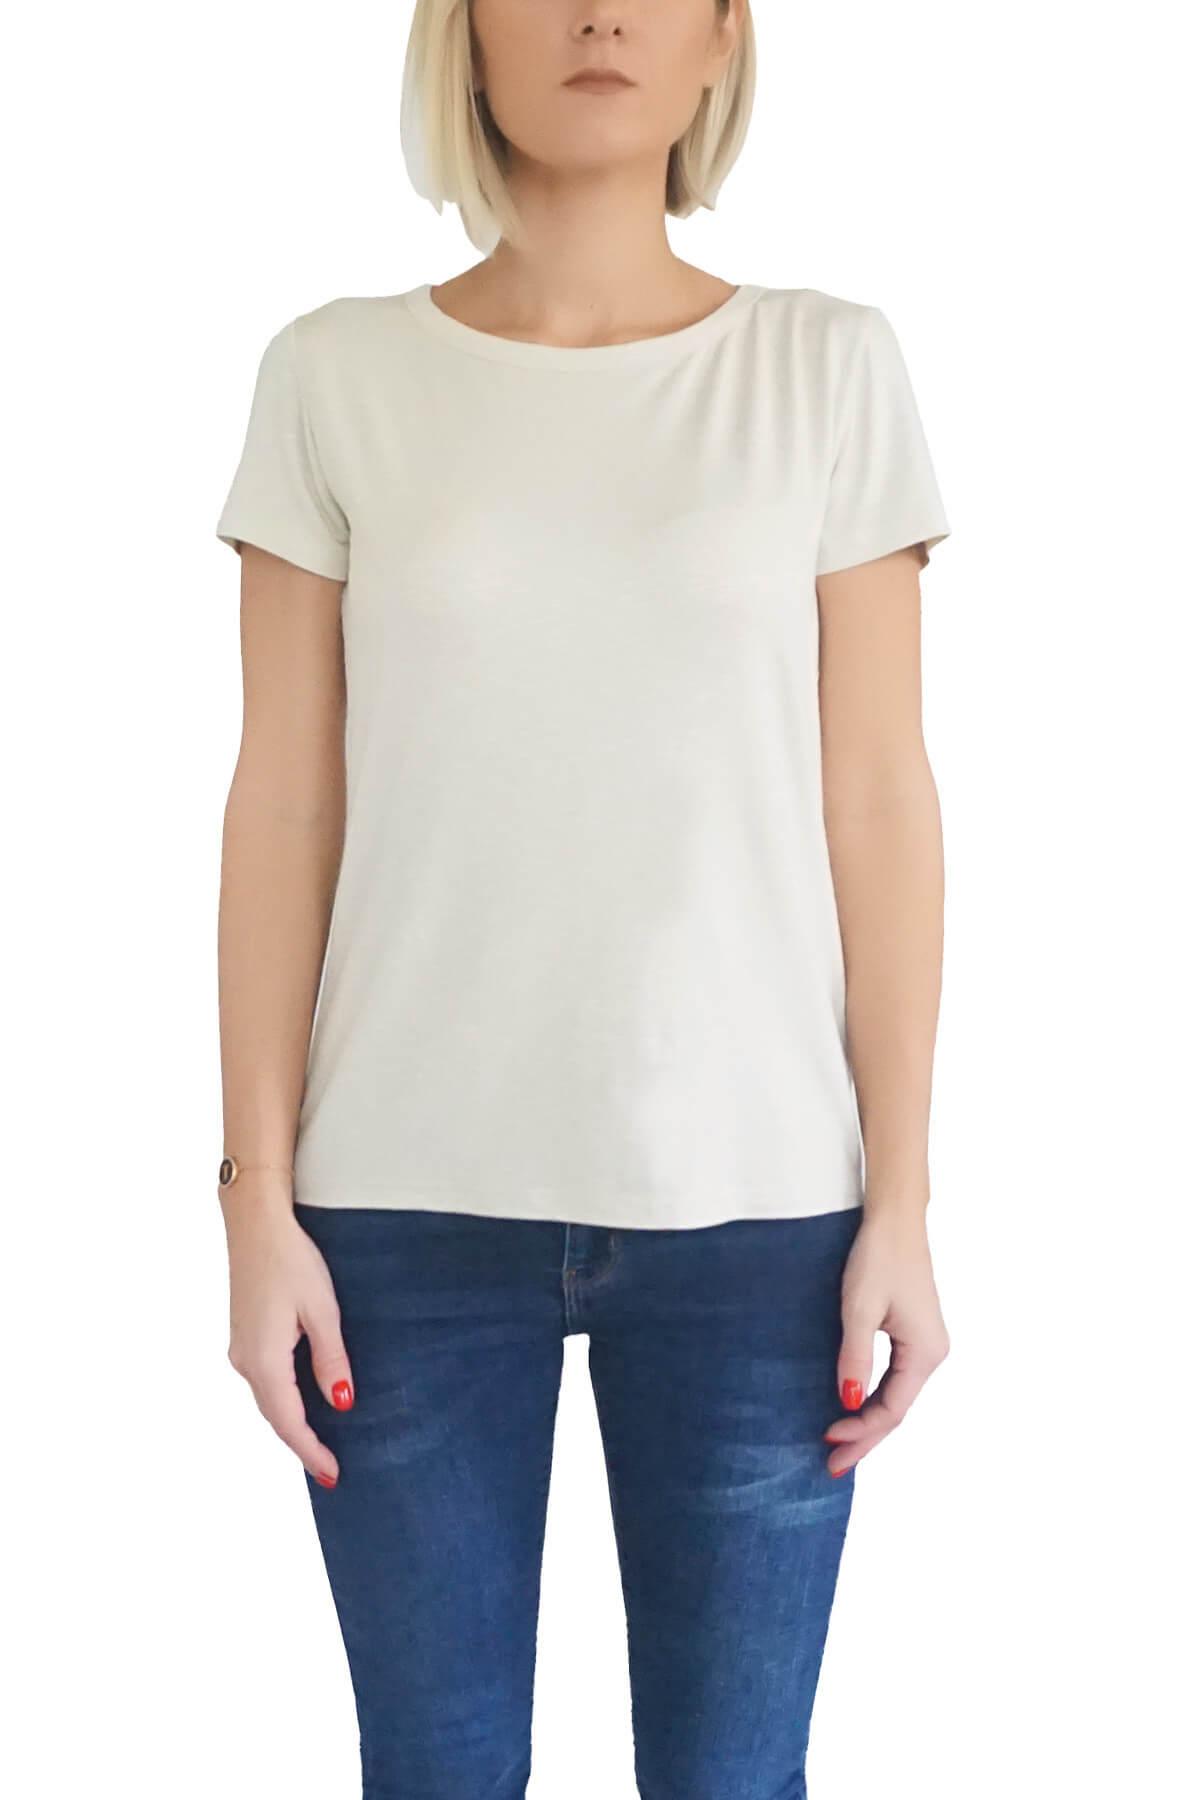 MOF Kadın Taş T-Shirt BYT-T 1